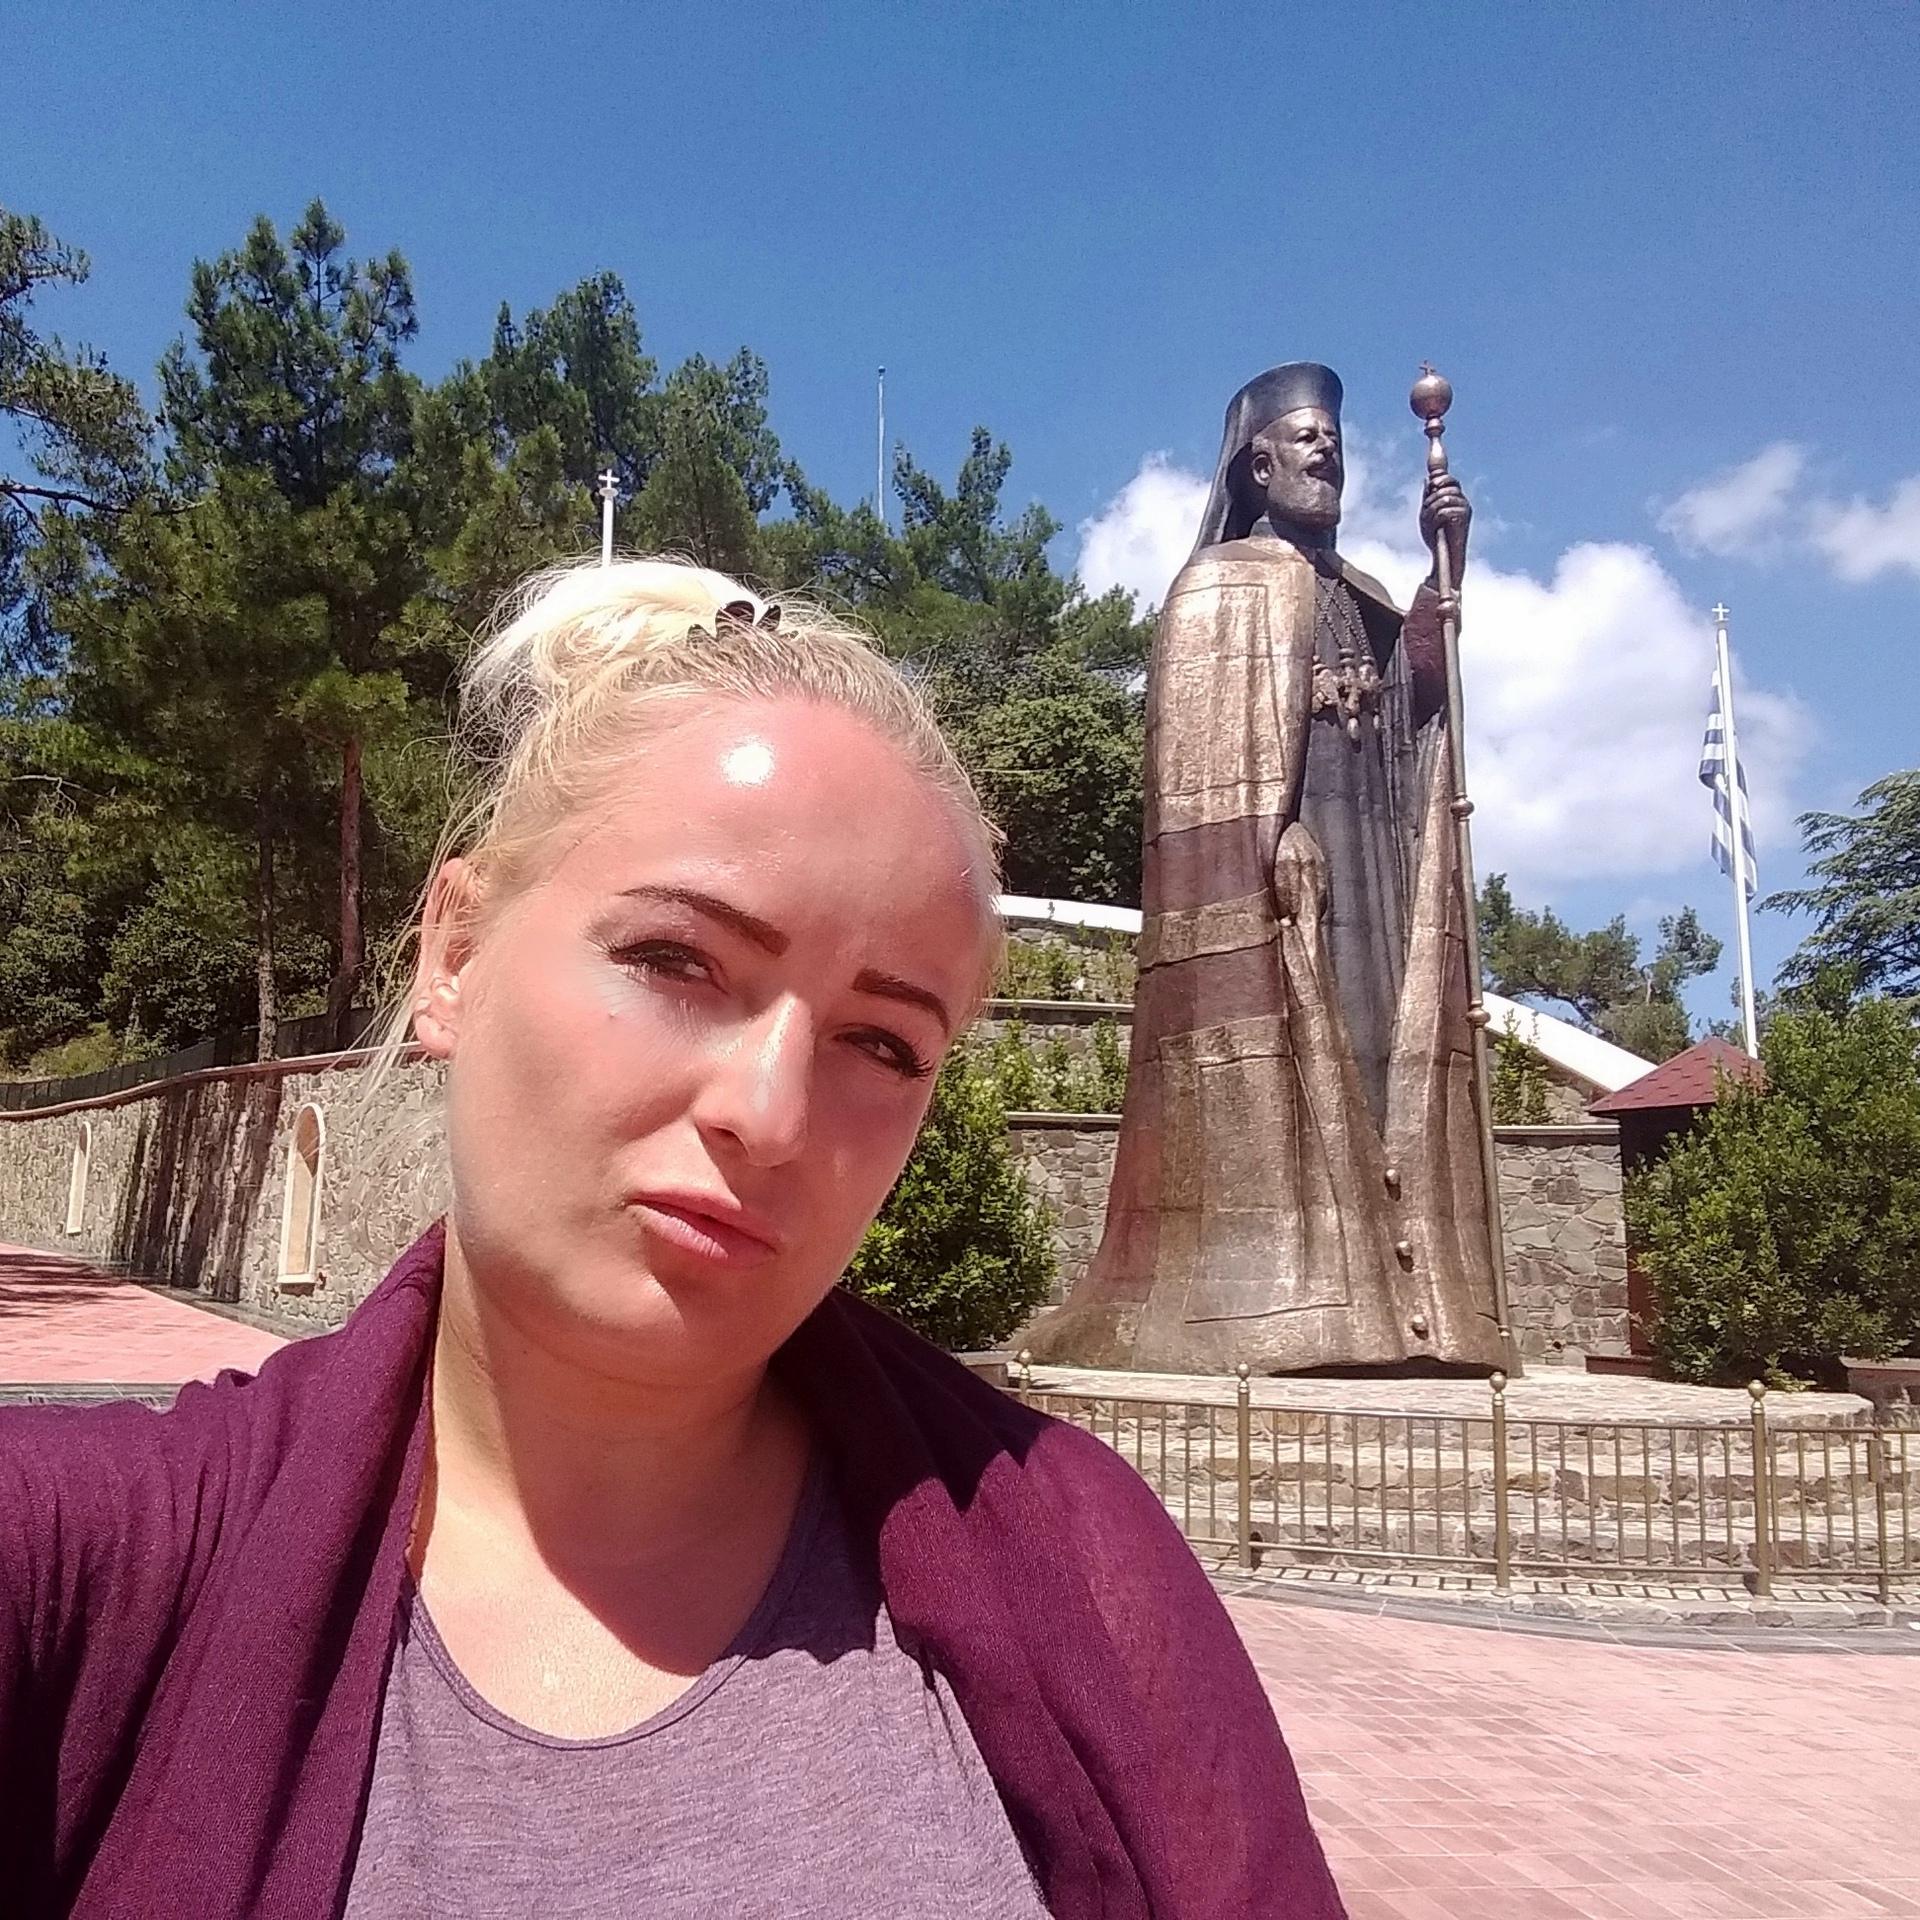 Елена Руденко (Валтея). Кипр. Киккос и Афродита. (фото). RCy9EW9opn0